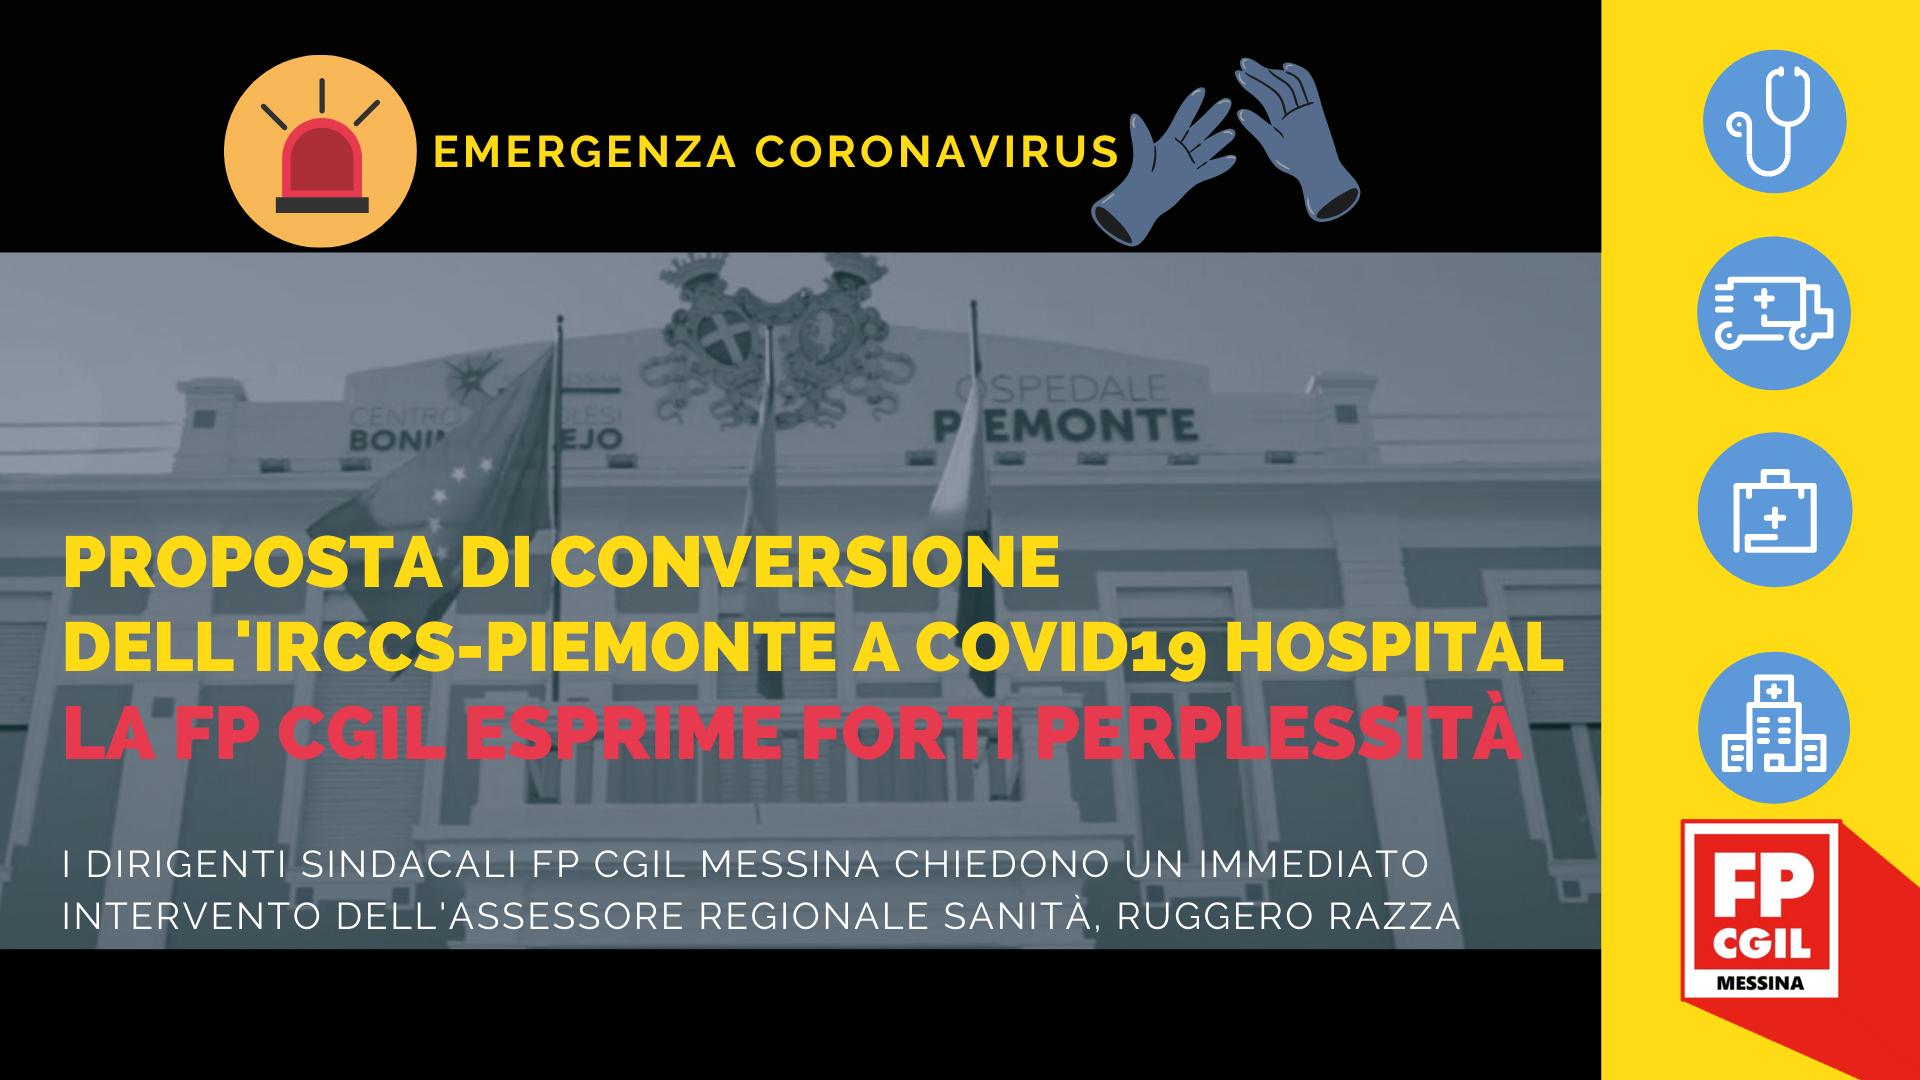 """Emergenza Coronavirus, la FP CGIL attacca la proposta di conversione dell'IRCCS- Piemonte a COVID19 Hospital, le dichiarazione del DG Barone e punta il dito su quelle """"insolite"""" stabilizzazioni."""